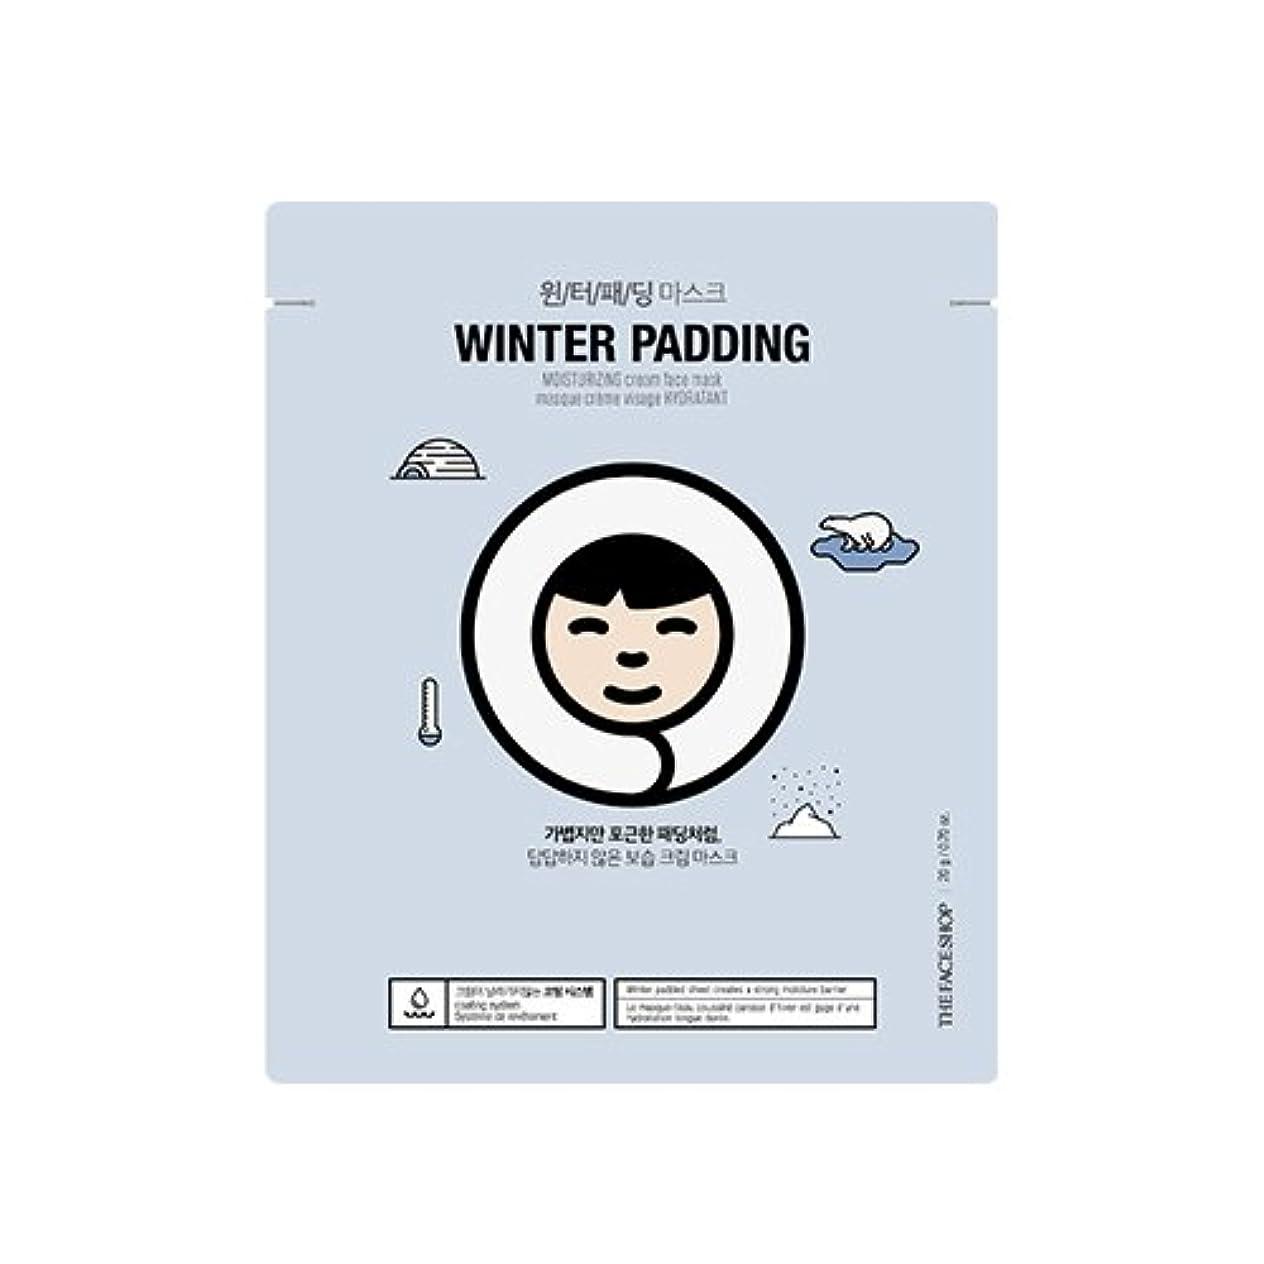 キャプションなので少ないTHE FACE SHOP Winter Padding Cream Mask (5EA) (1. Moisturizing Cream Mask) / ザフェイスショップ ウインター パッディング クリームマスク(5枚) [並行輸入品]